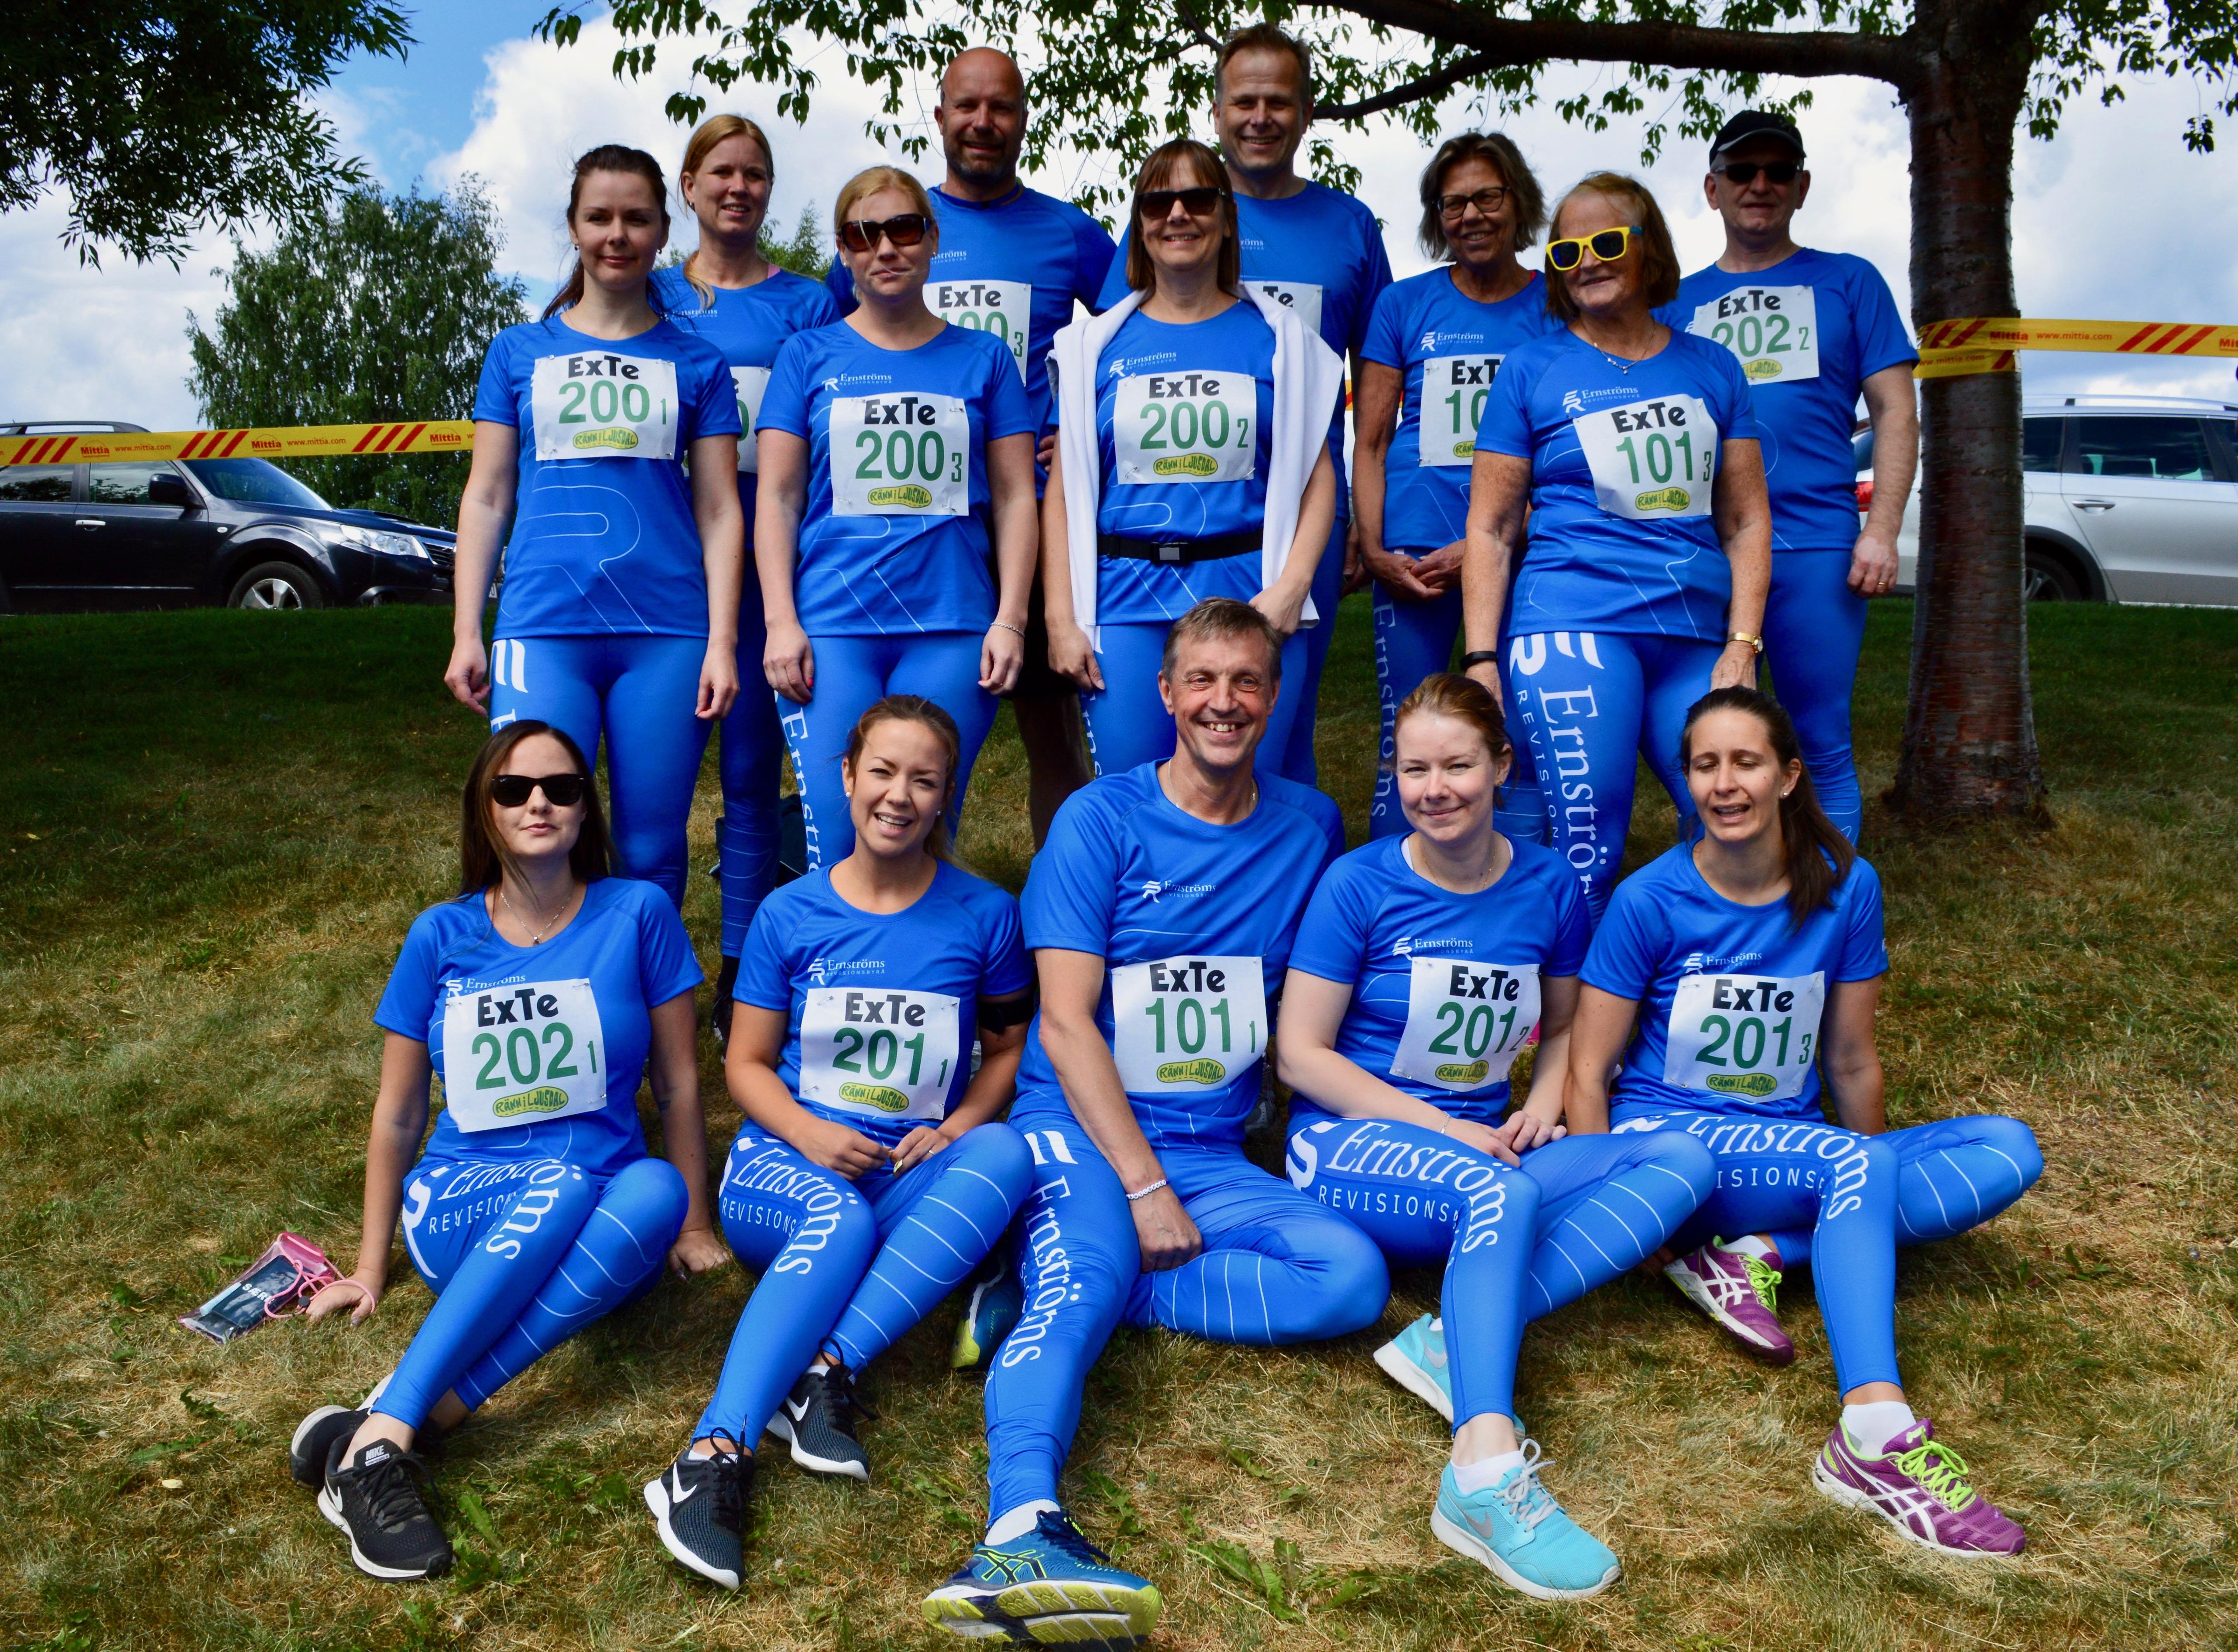 Ränn i Ljusdal: Foton & Resultat